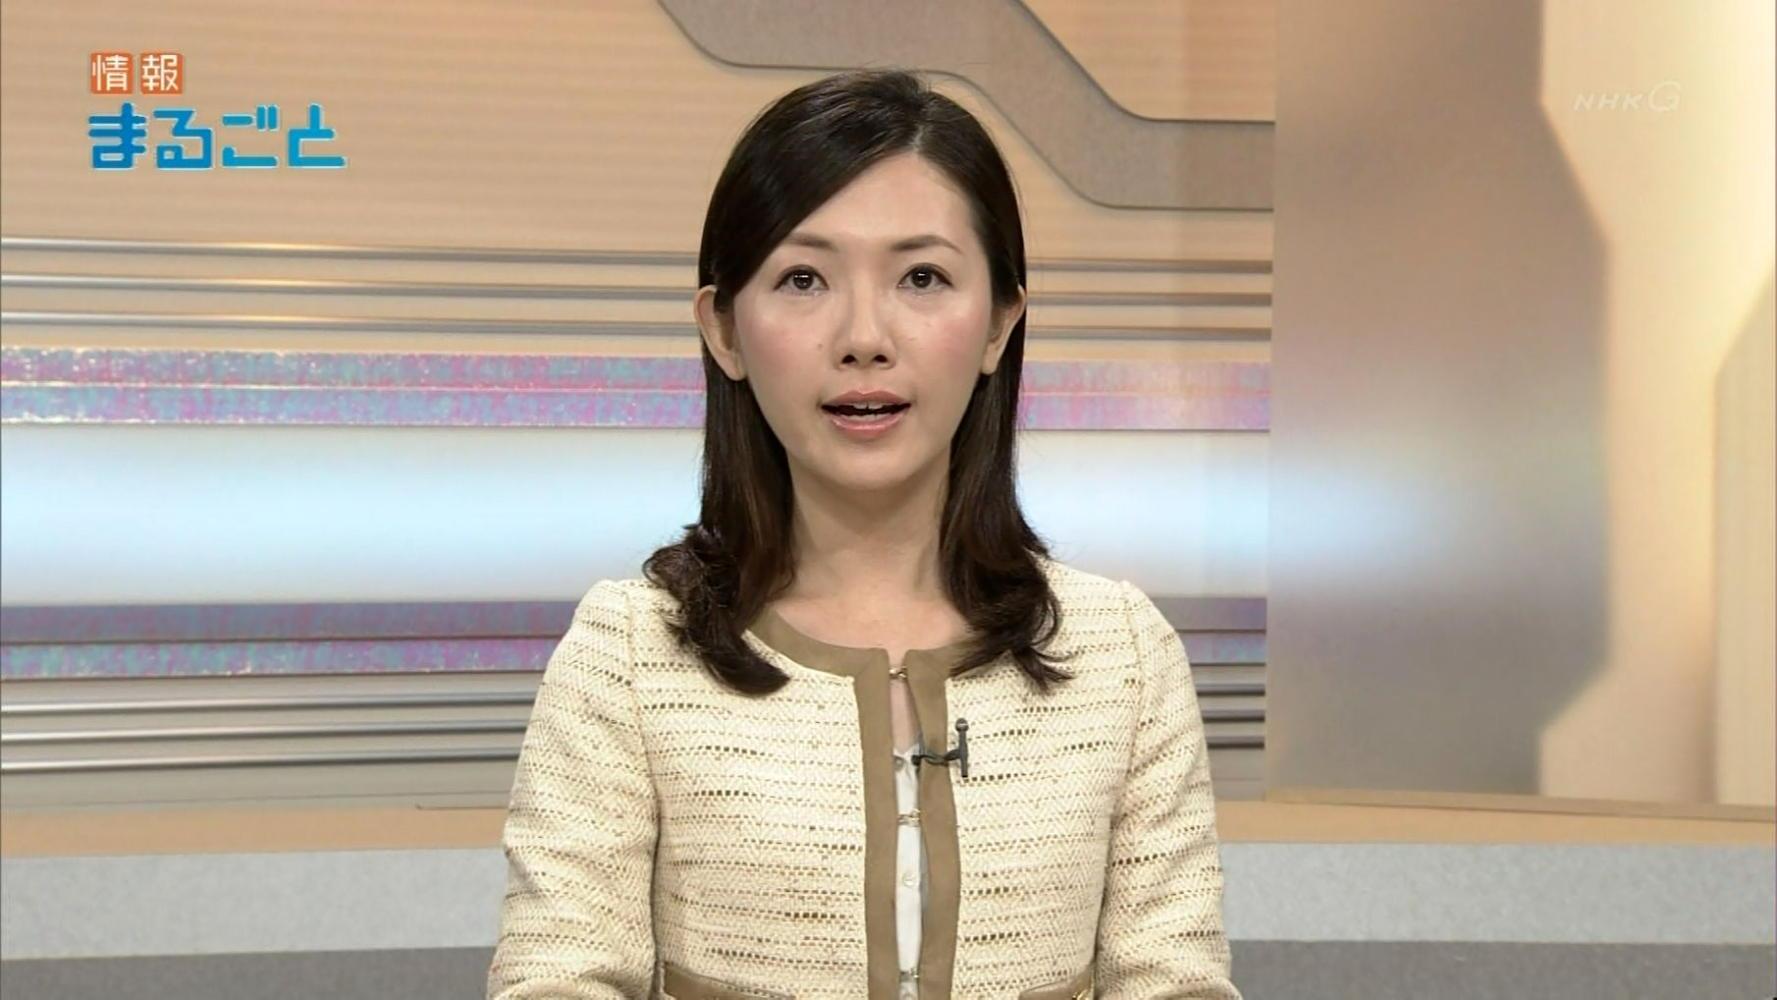 佐々木理恵 (NHK福岡)の画像 p1_39